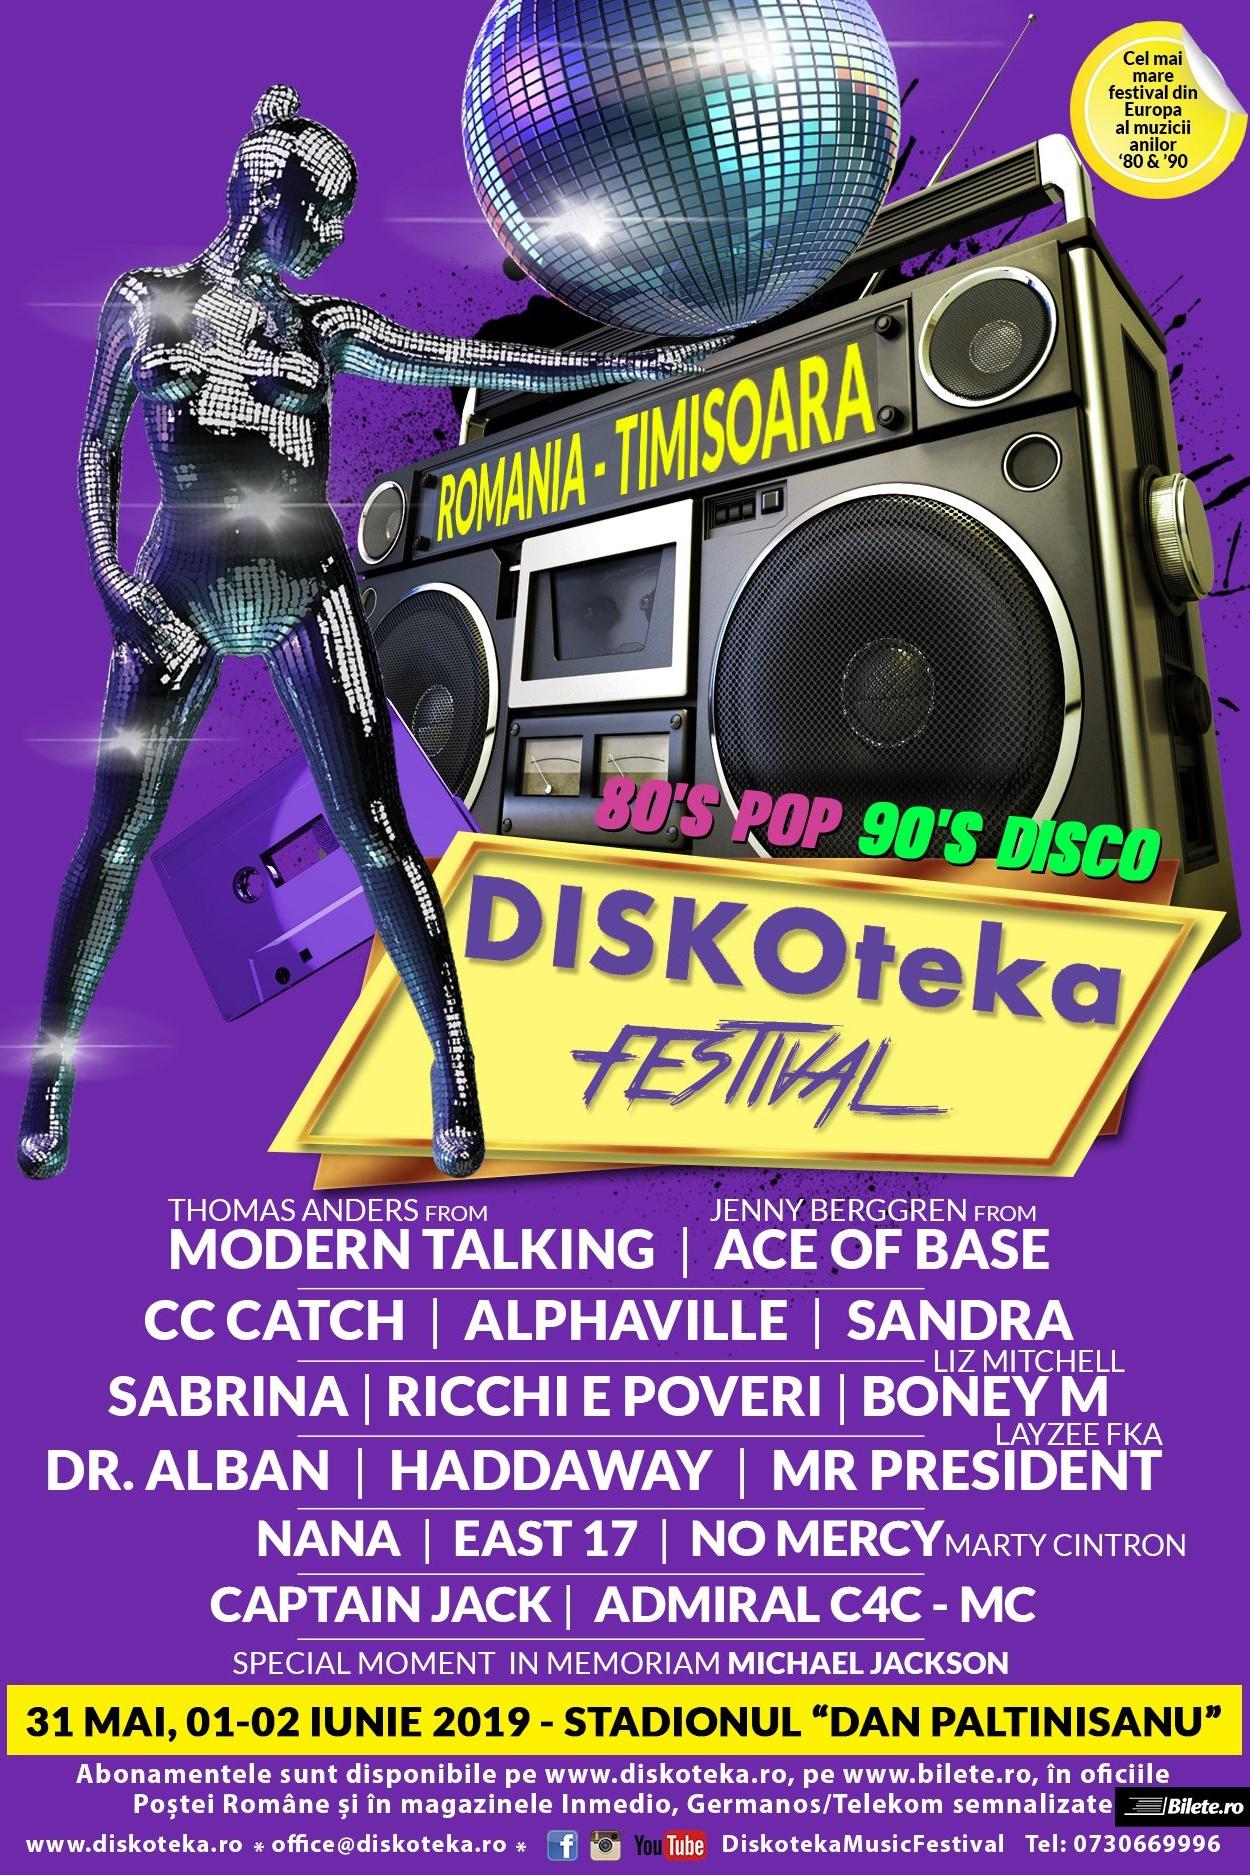 Diskoteka Festival 2019 la Stadionul